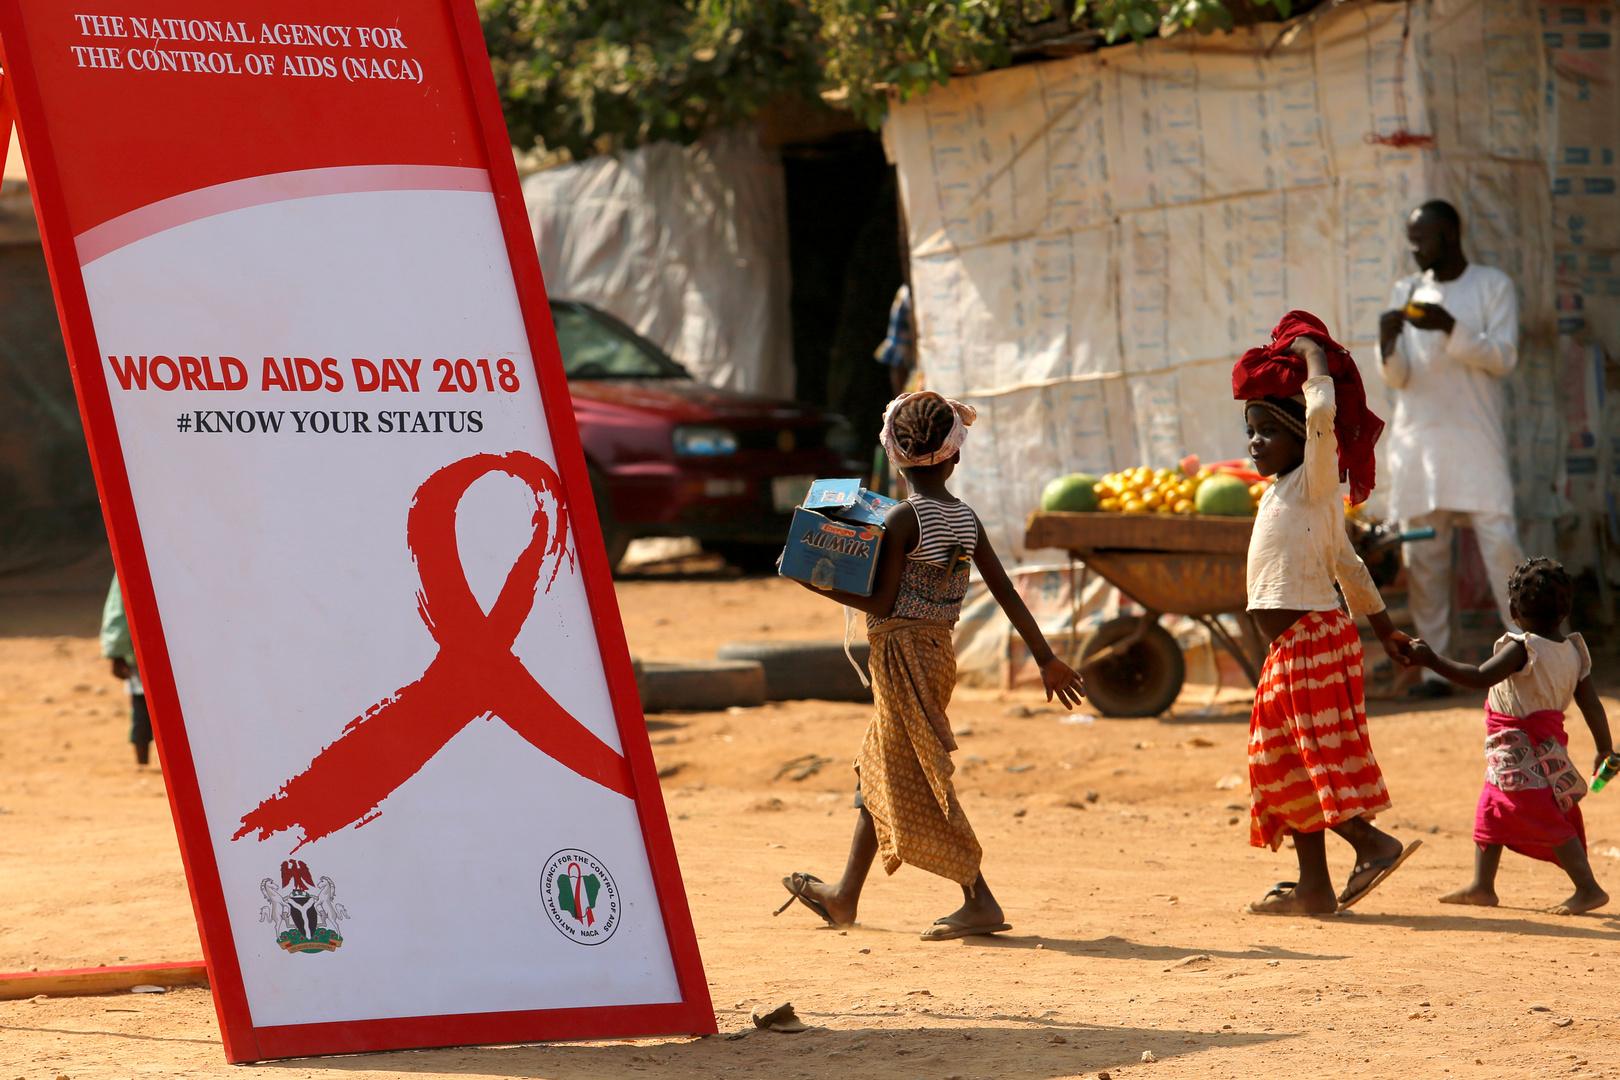 حملة توعية بالإيدز، أبوجا، نيجيريا، 2018.